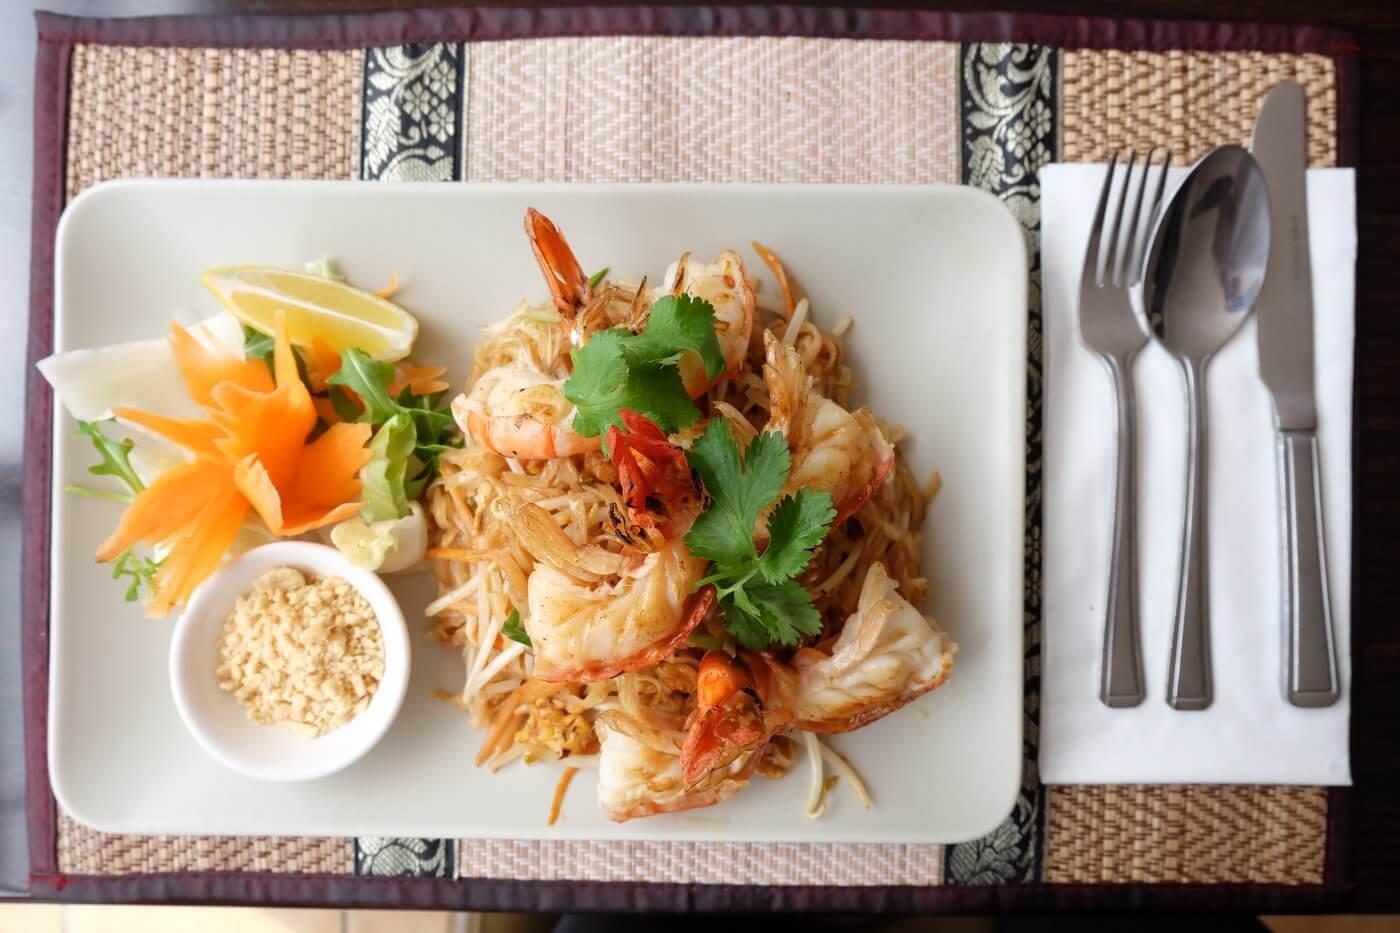 Thai Cuisine | The Mustcard